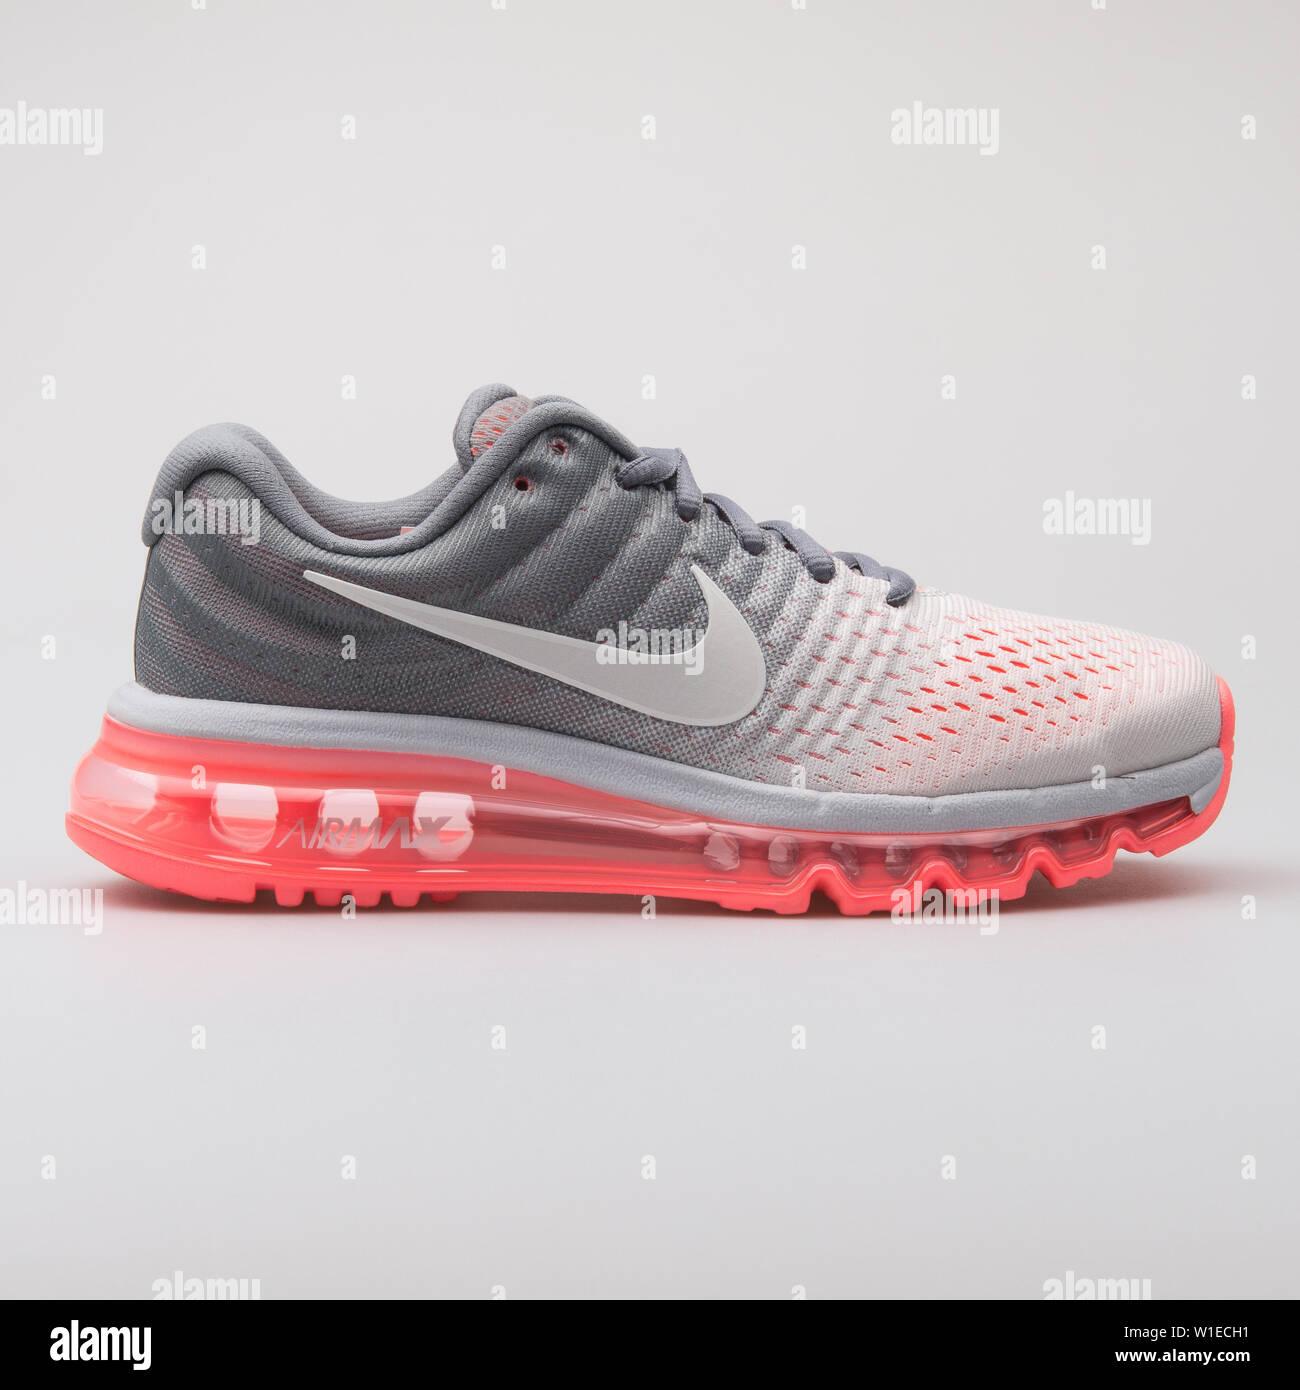 Nike air max 2017 homme pas cher ou d'occasion sur Rakuten